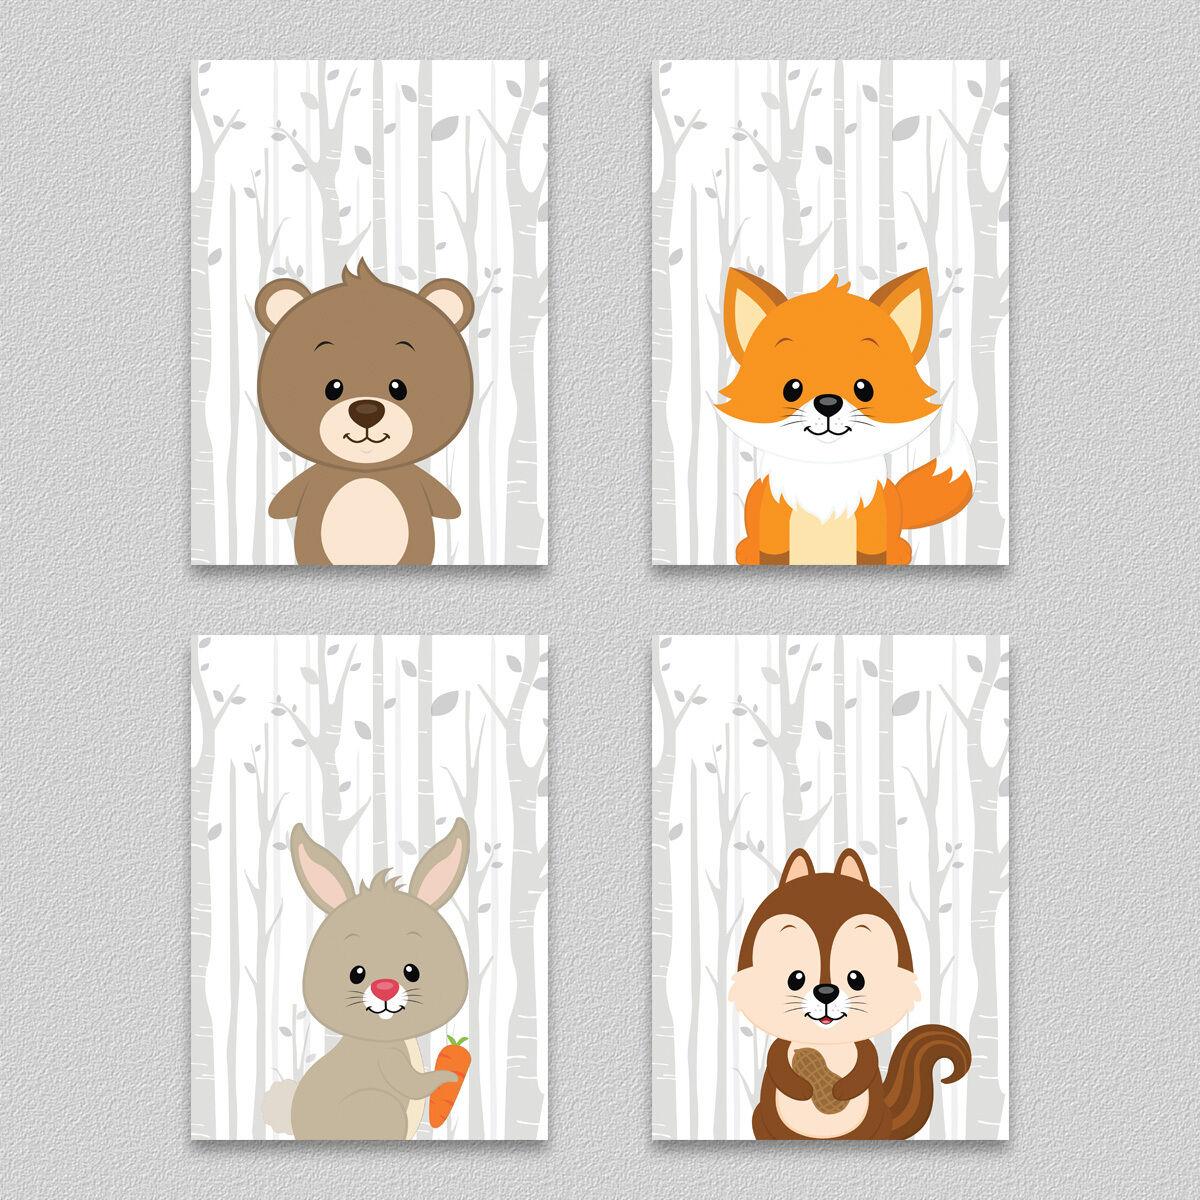 Kinder Poster Set Wald Tiere Kinderzimmer Deko Bild Bär Fuchs Hase Eichhörnchen